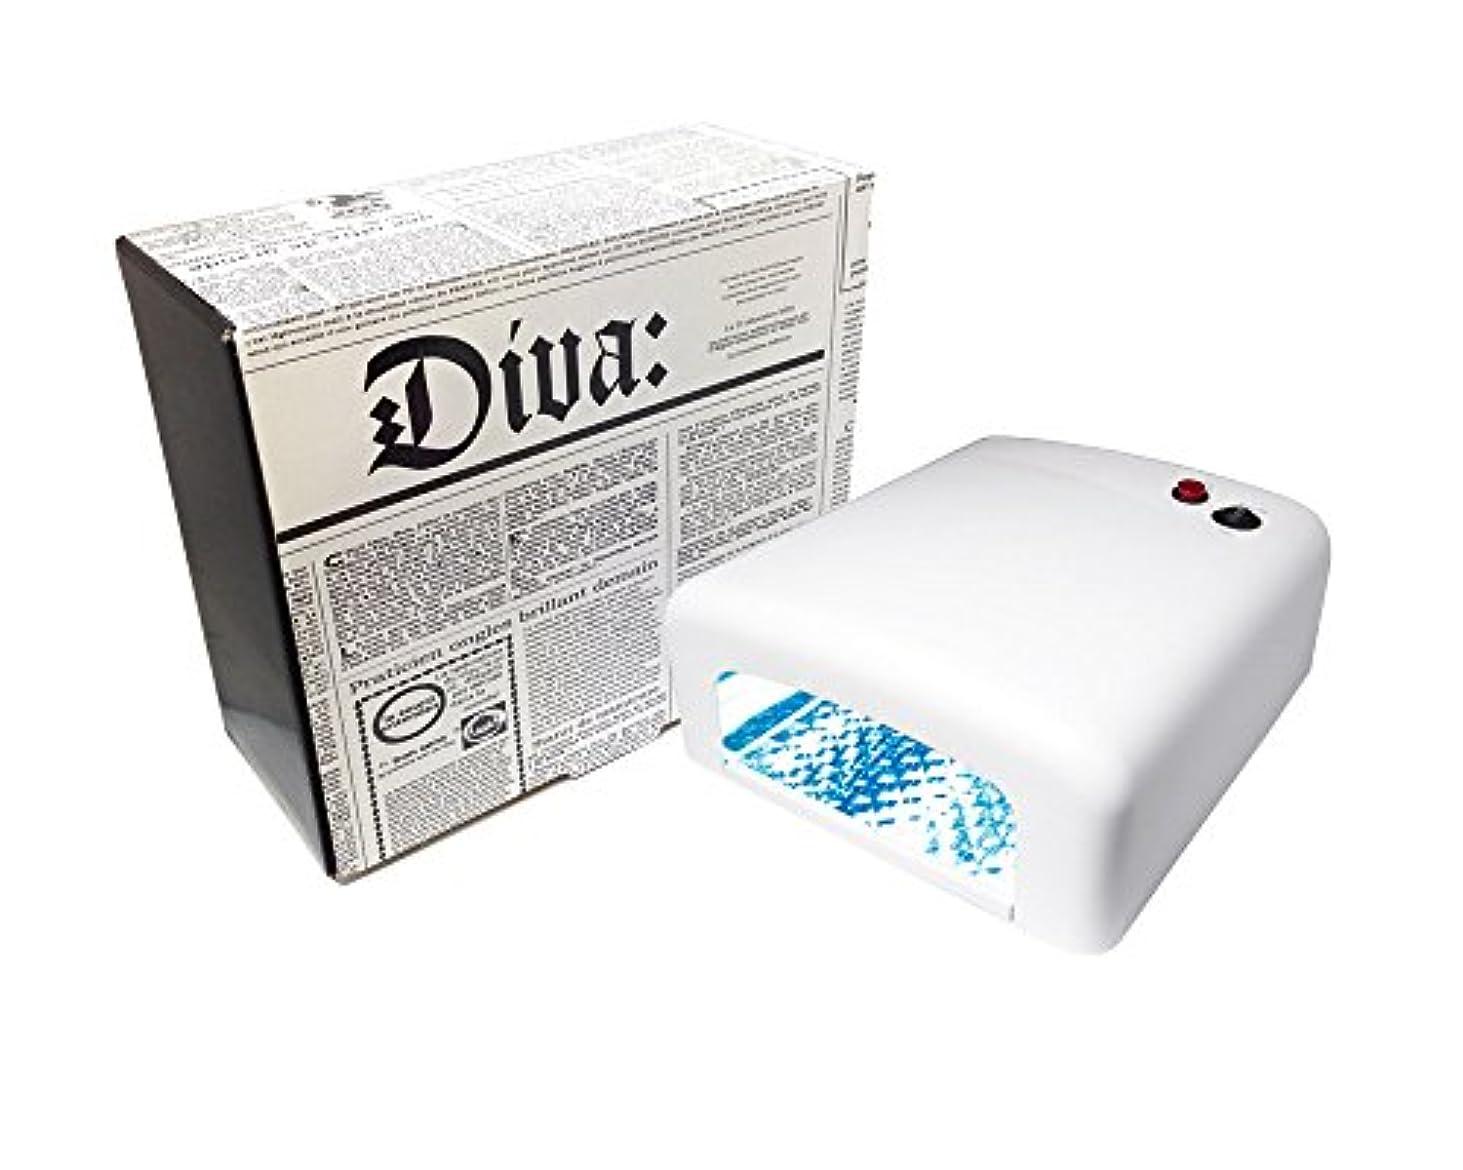 素人こだわり演じるDiva(ディーヴァ) UVライト36W(UVランプ) 本体 ホワイト